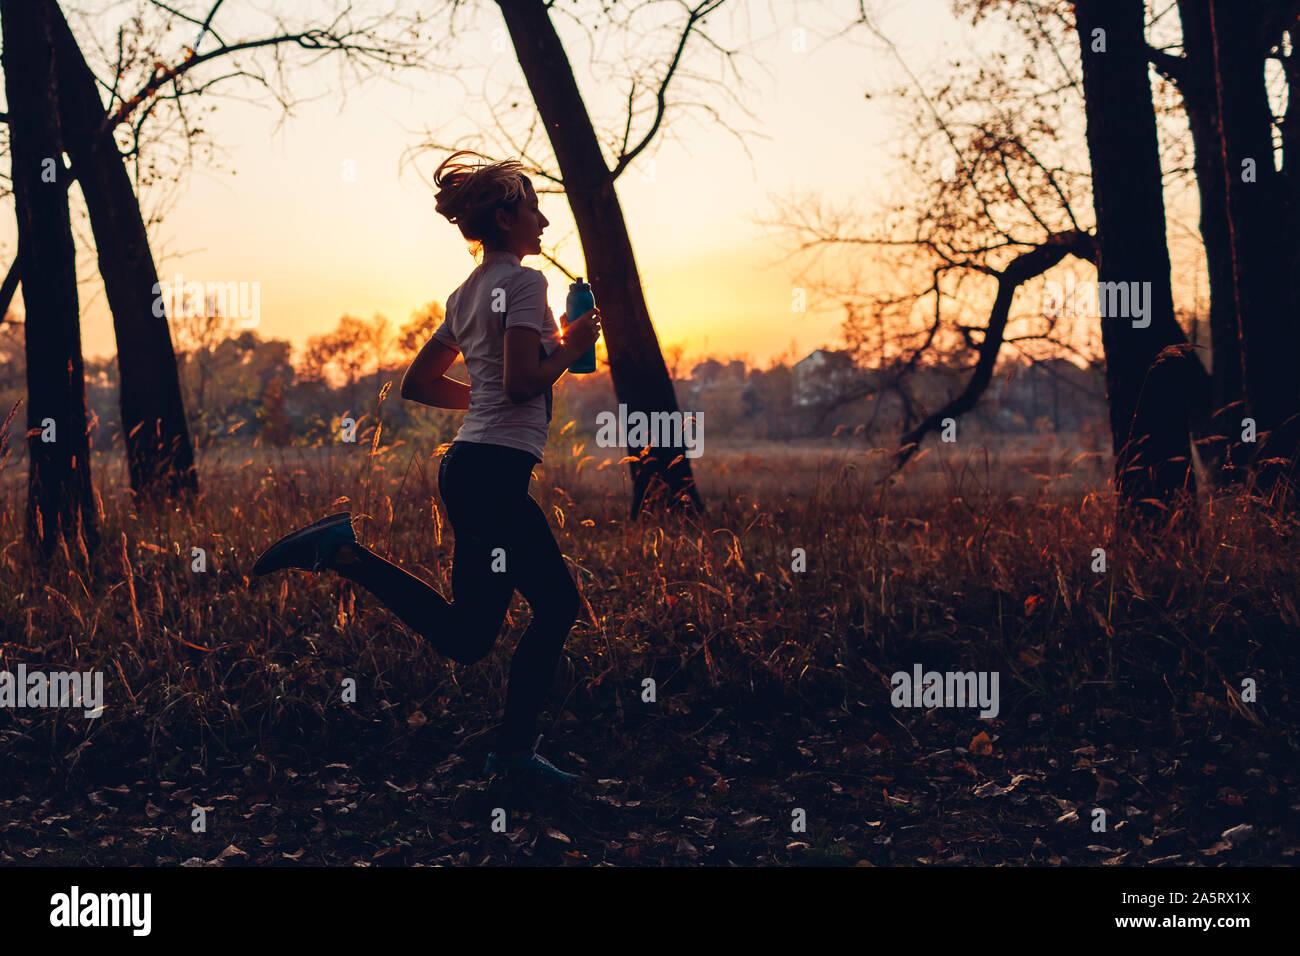 Runner Training im Herbst Park. Frau mit Wasserflasche bei Sonnenuntergang. Aktiver Lebensstil. Silhouette der slim-junges Mädchen Stockfoto